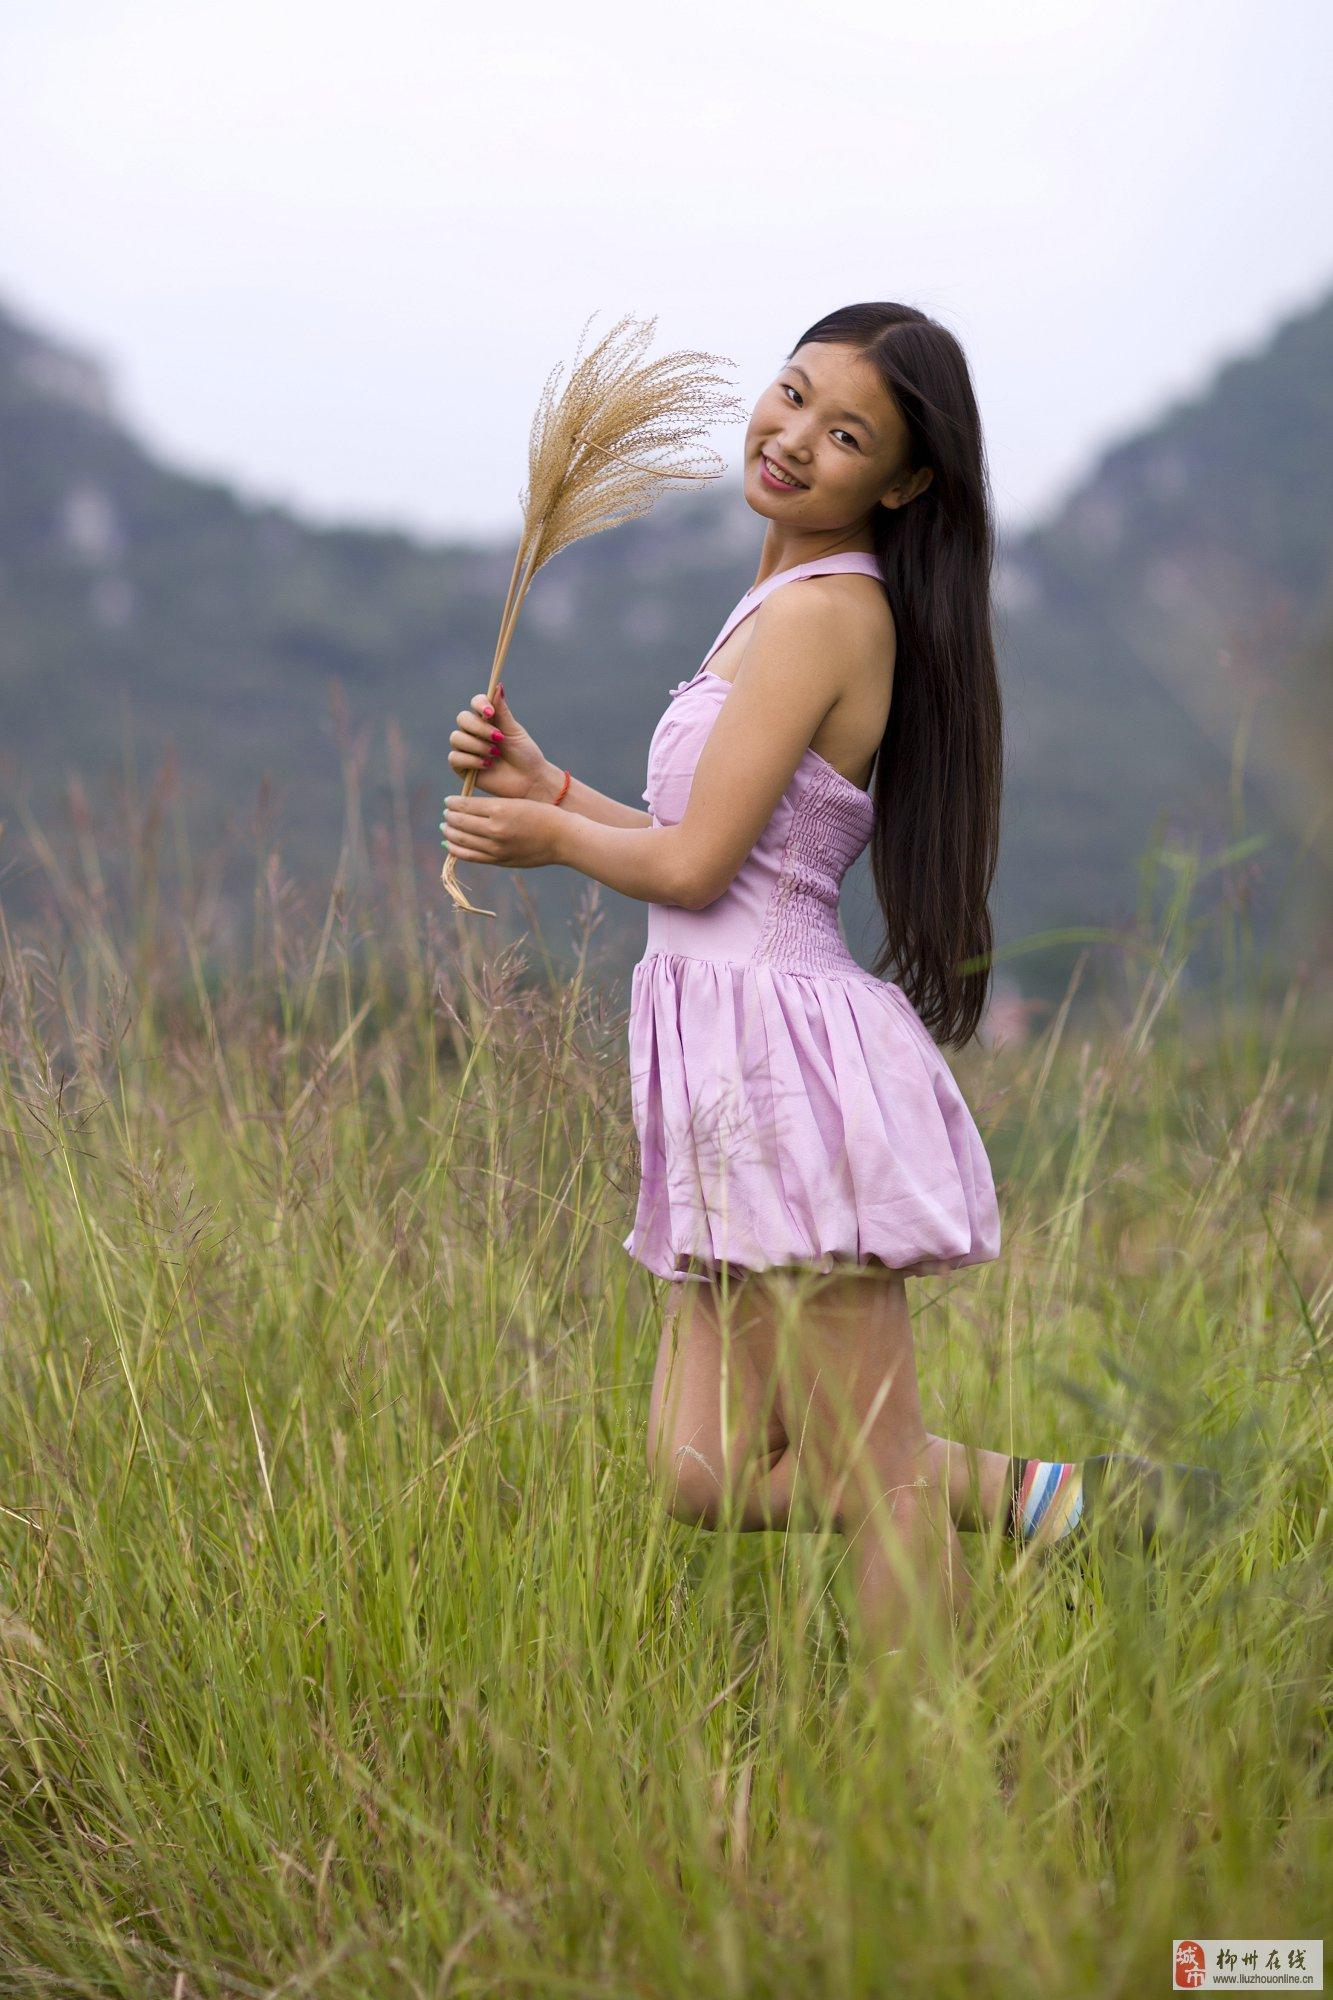 莫玥渟近况图_广西柳州莫菁26全图_表情大全